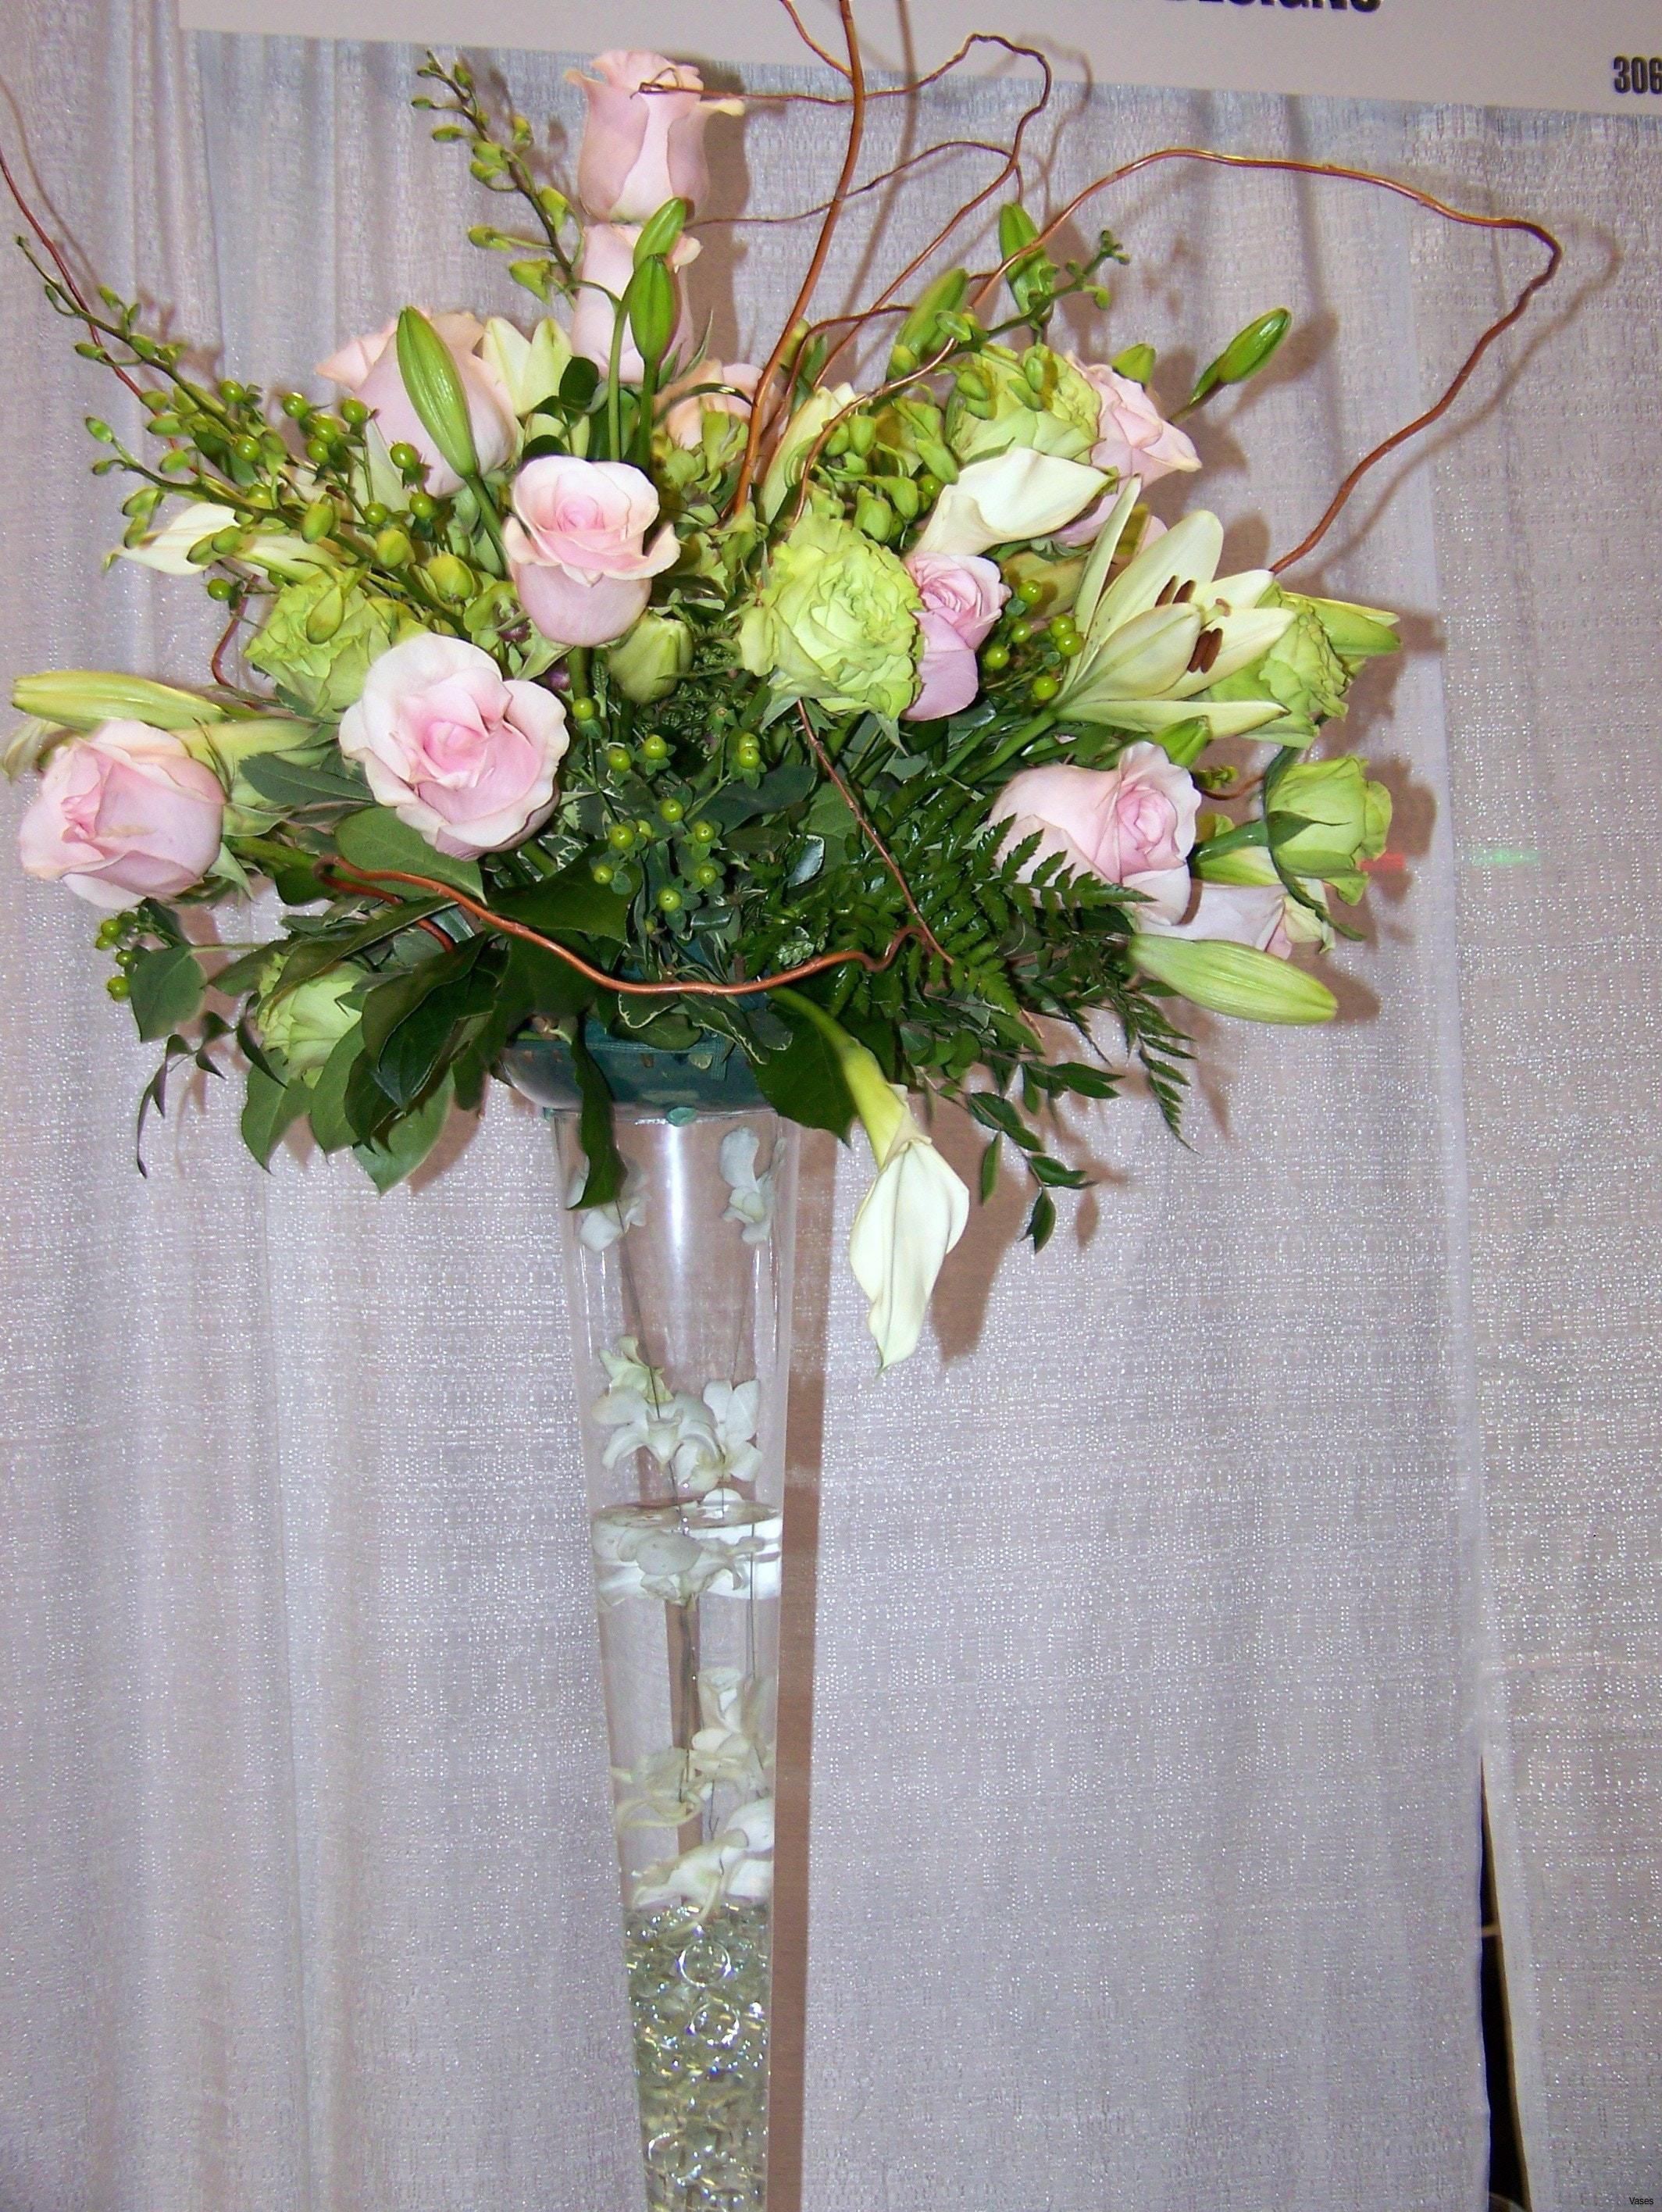 antique crystal vases of granite flower vases stock vases funeral carnival glass vasesi 0d intended for granite flower vases stock vases funeral carnival glass vasesi 0d granite flower antiq